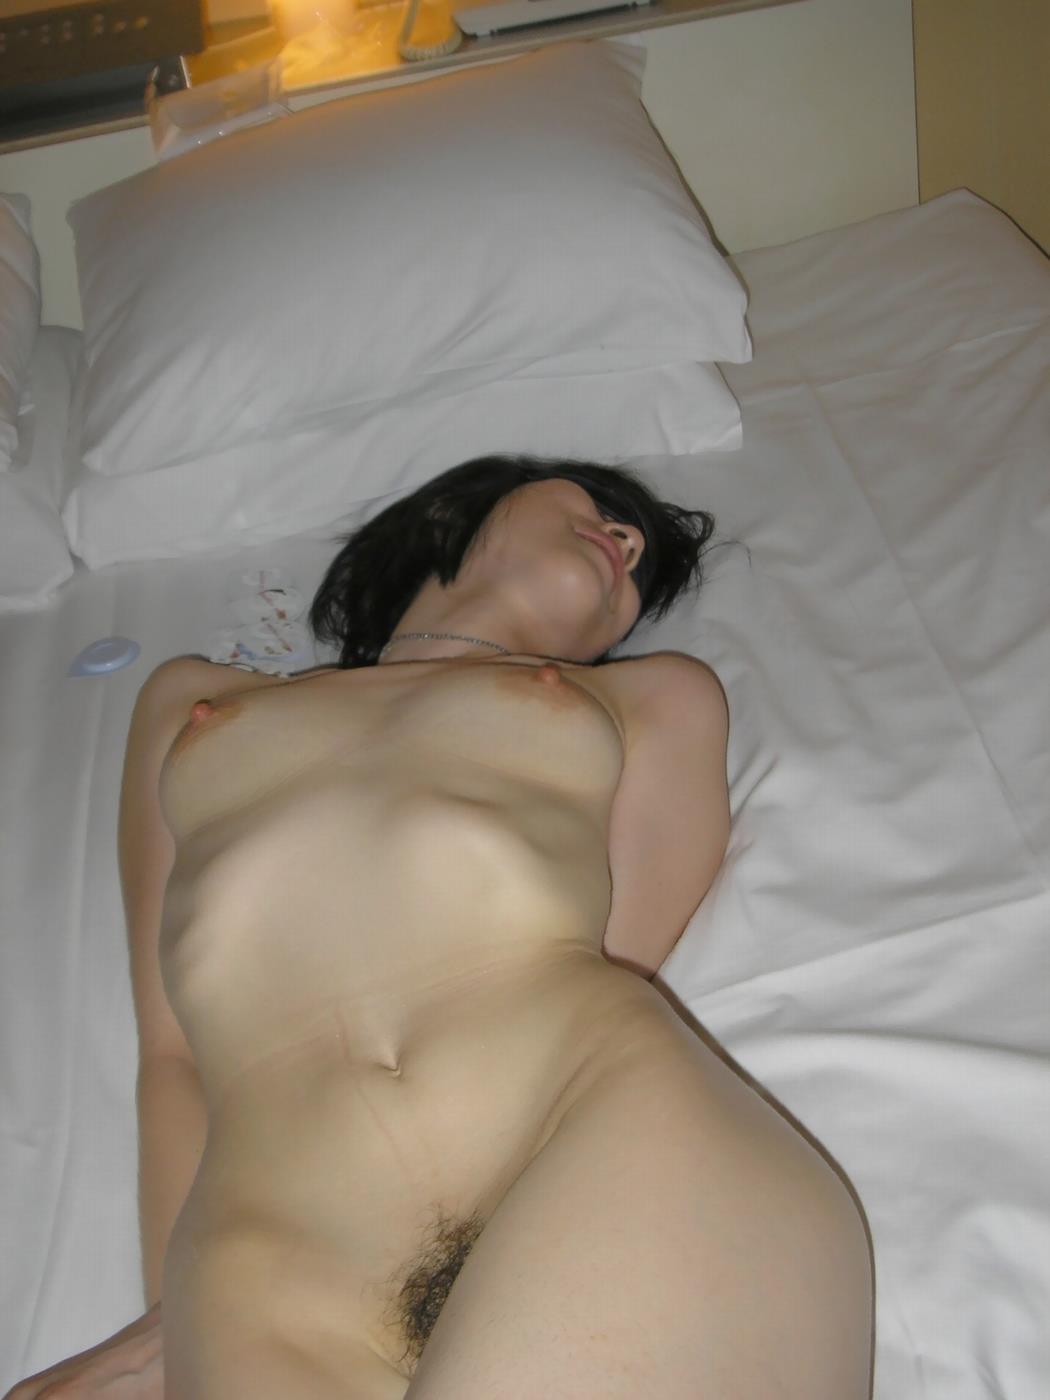 セックス後の素人女性 画像 12